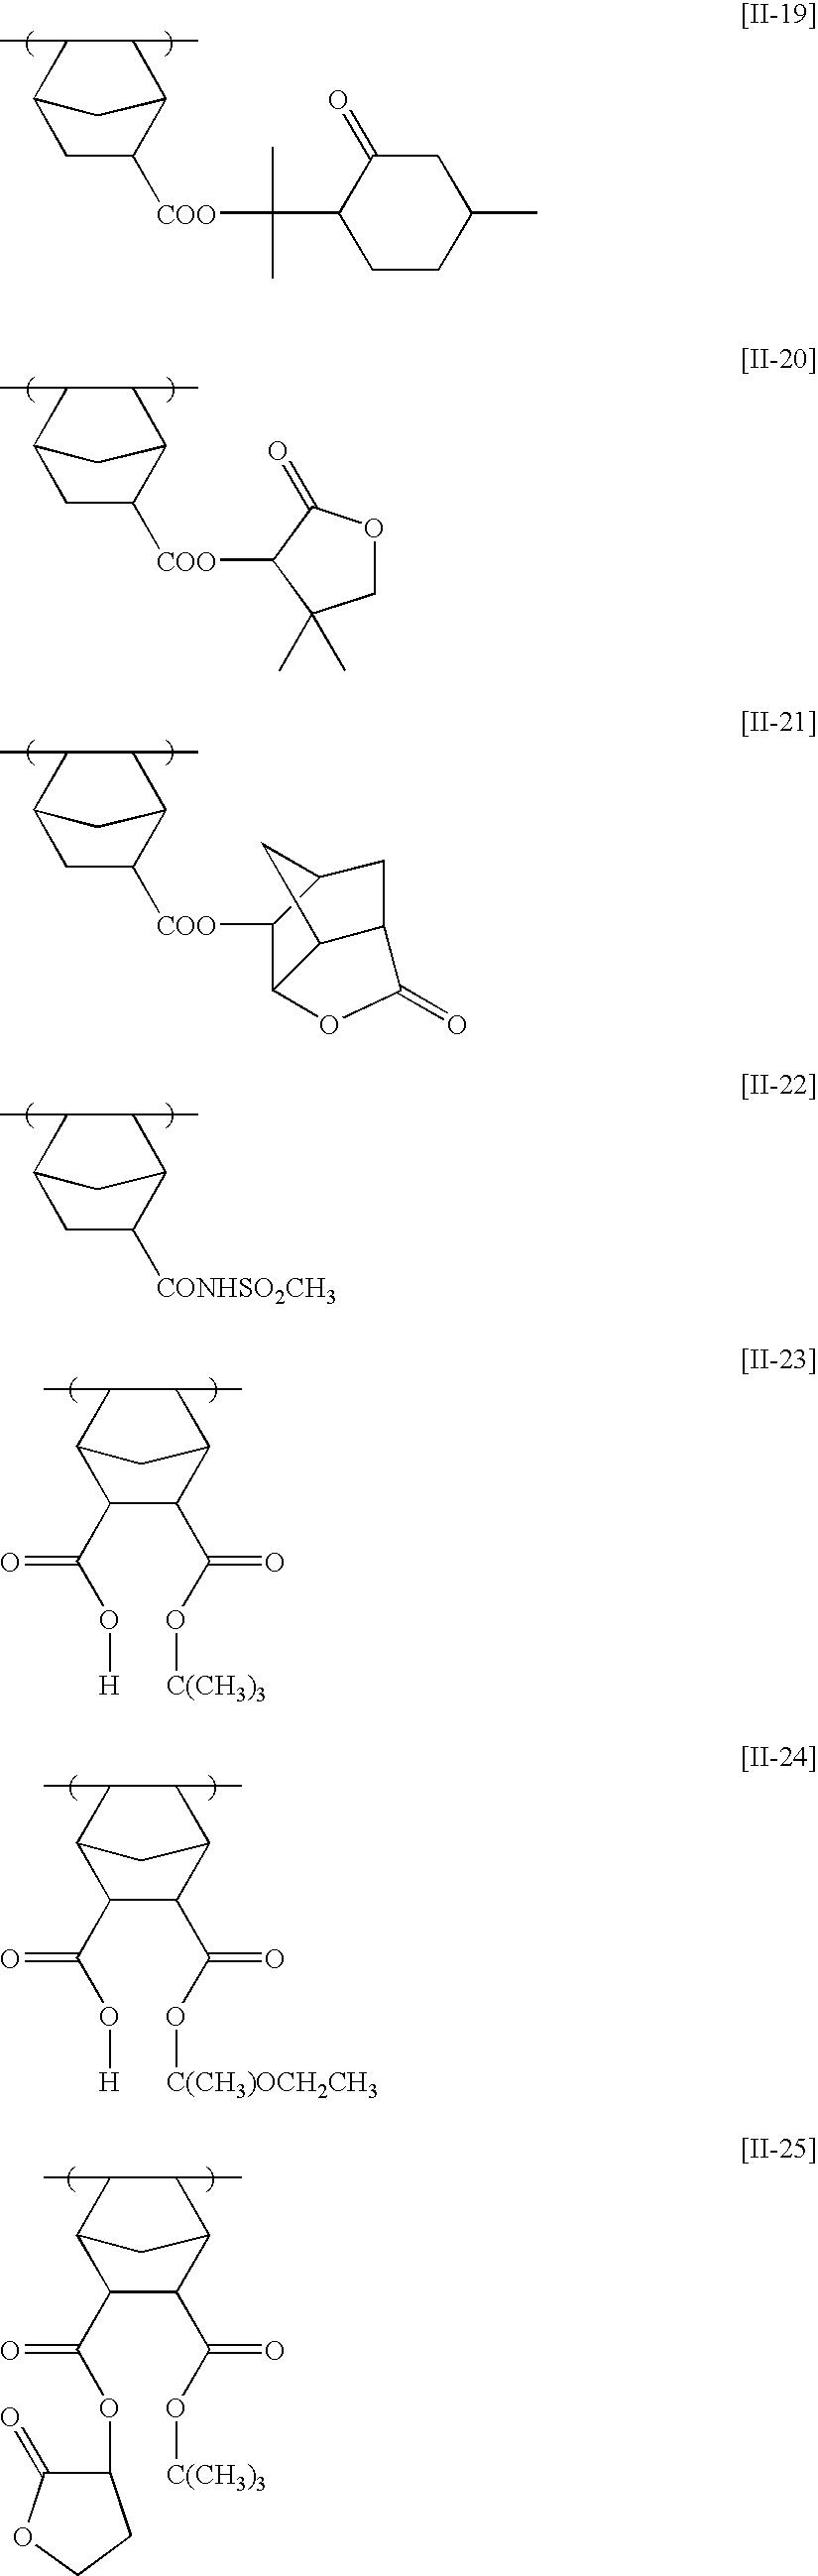 Figure US07985534-20110726-C00021